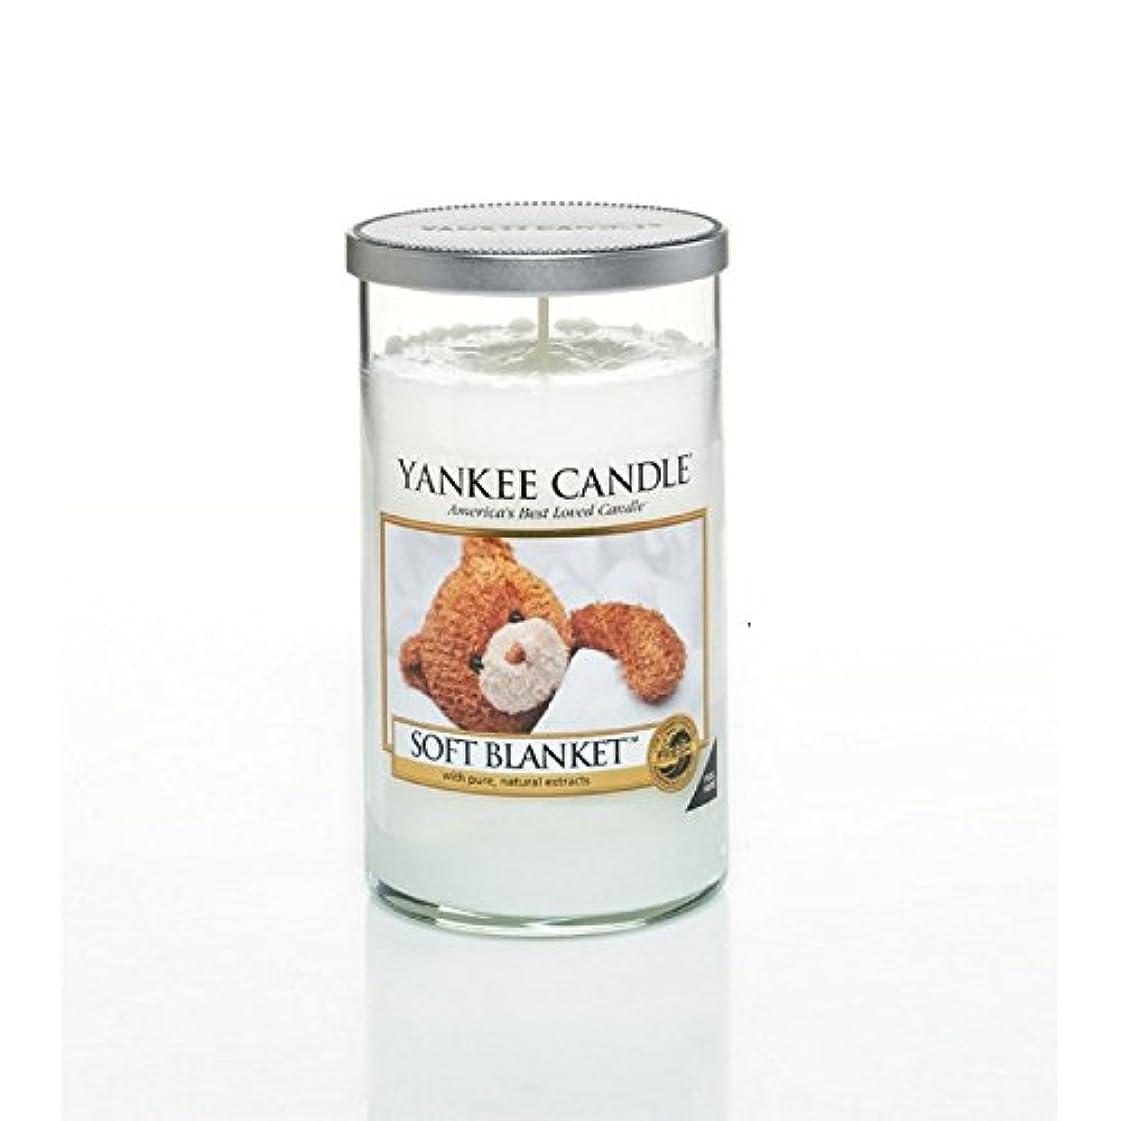 成果どう?歯科のヤンキーキャンドルメディアピラーキャンドル - ソフト毛布 - Yankee Candles Medium Pillar Candle - Soft Blanket (Yankee Candles) [並行輸入品]